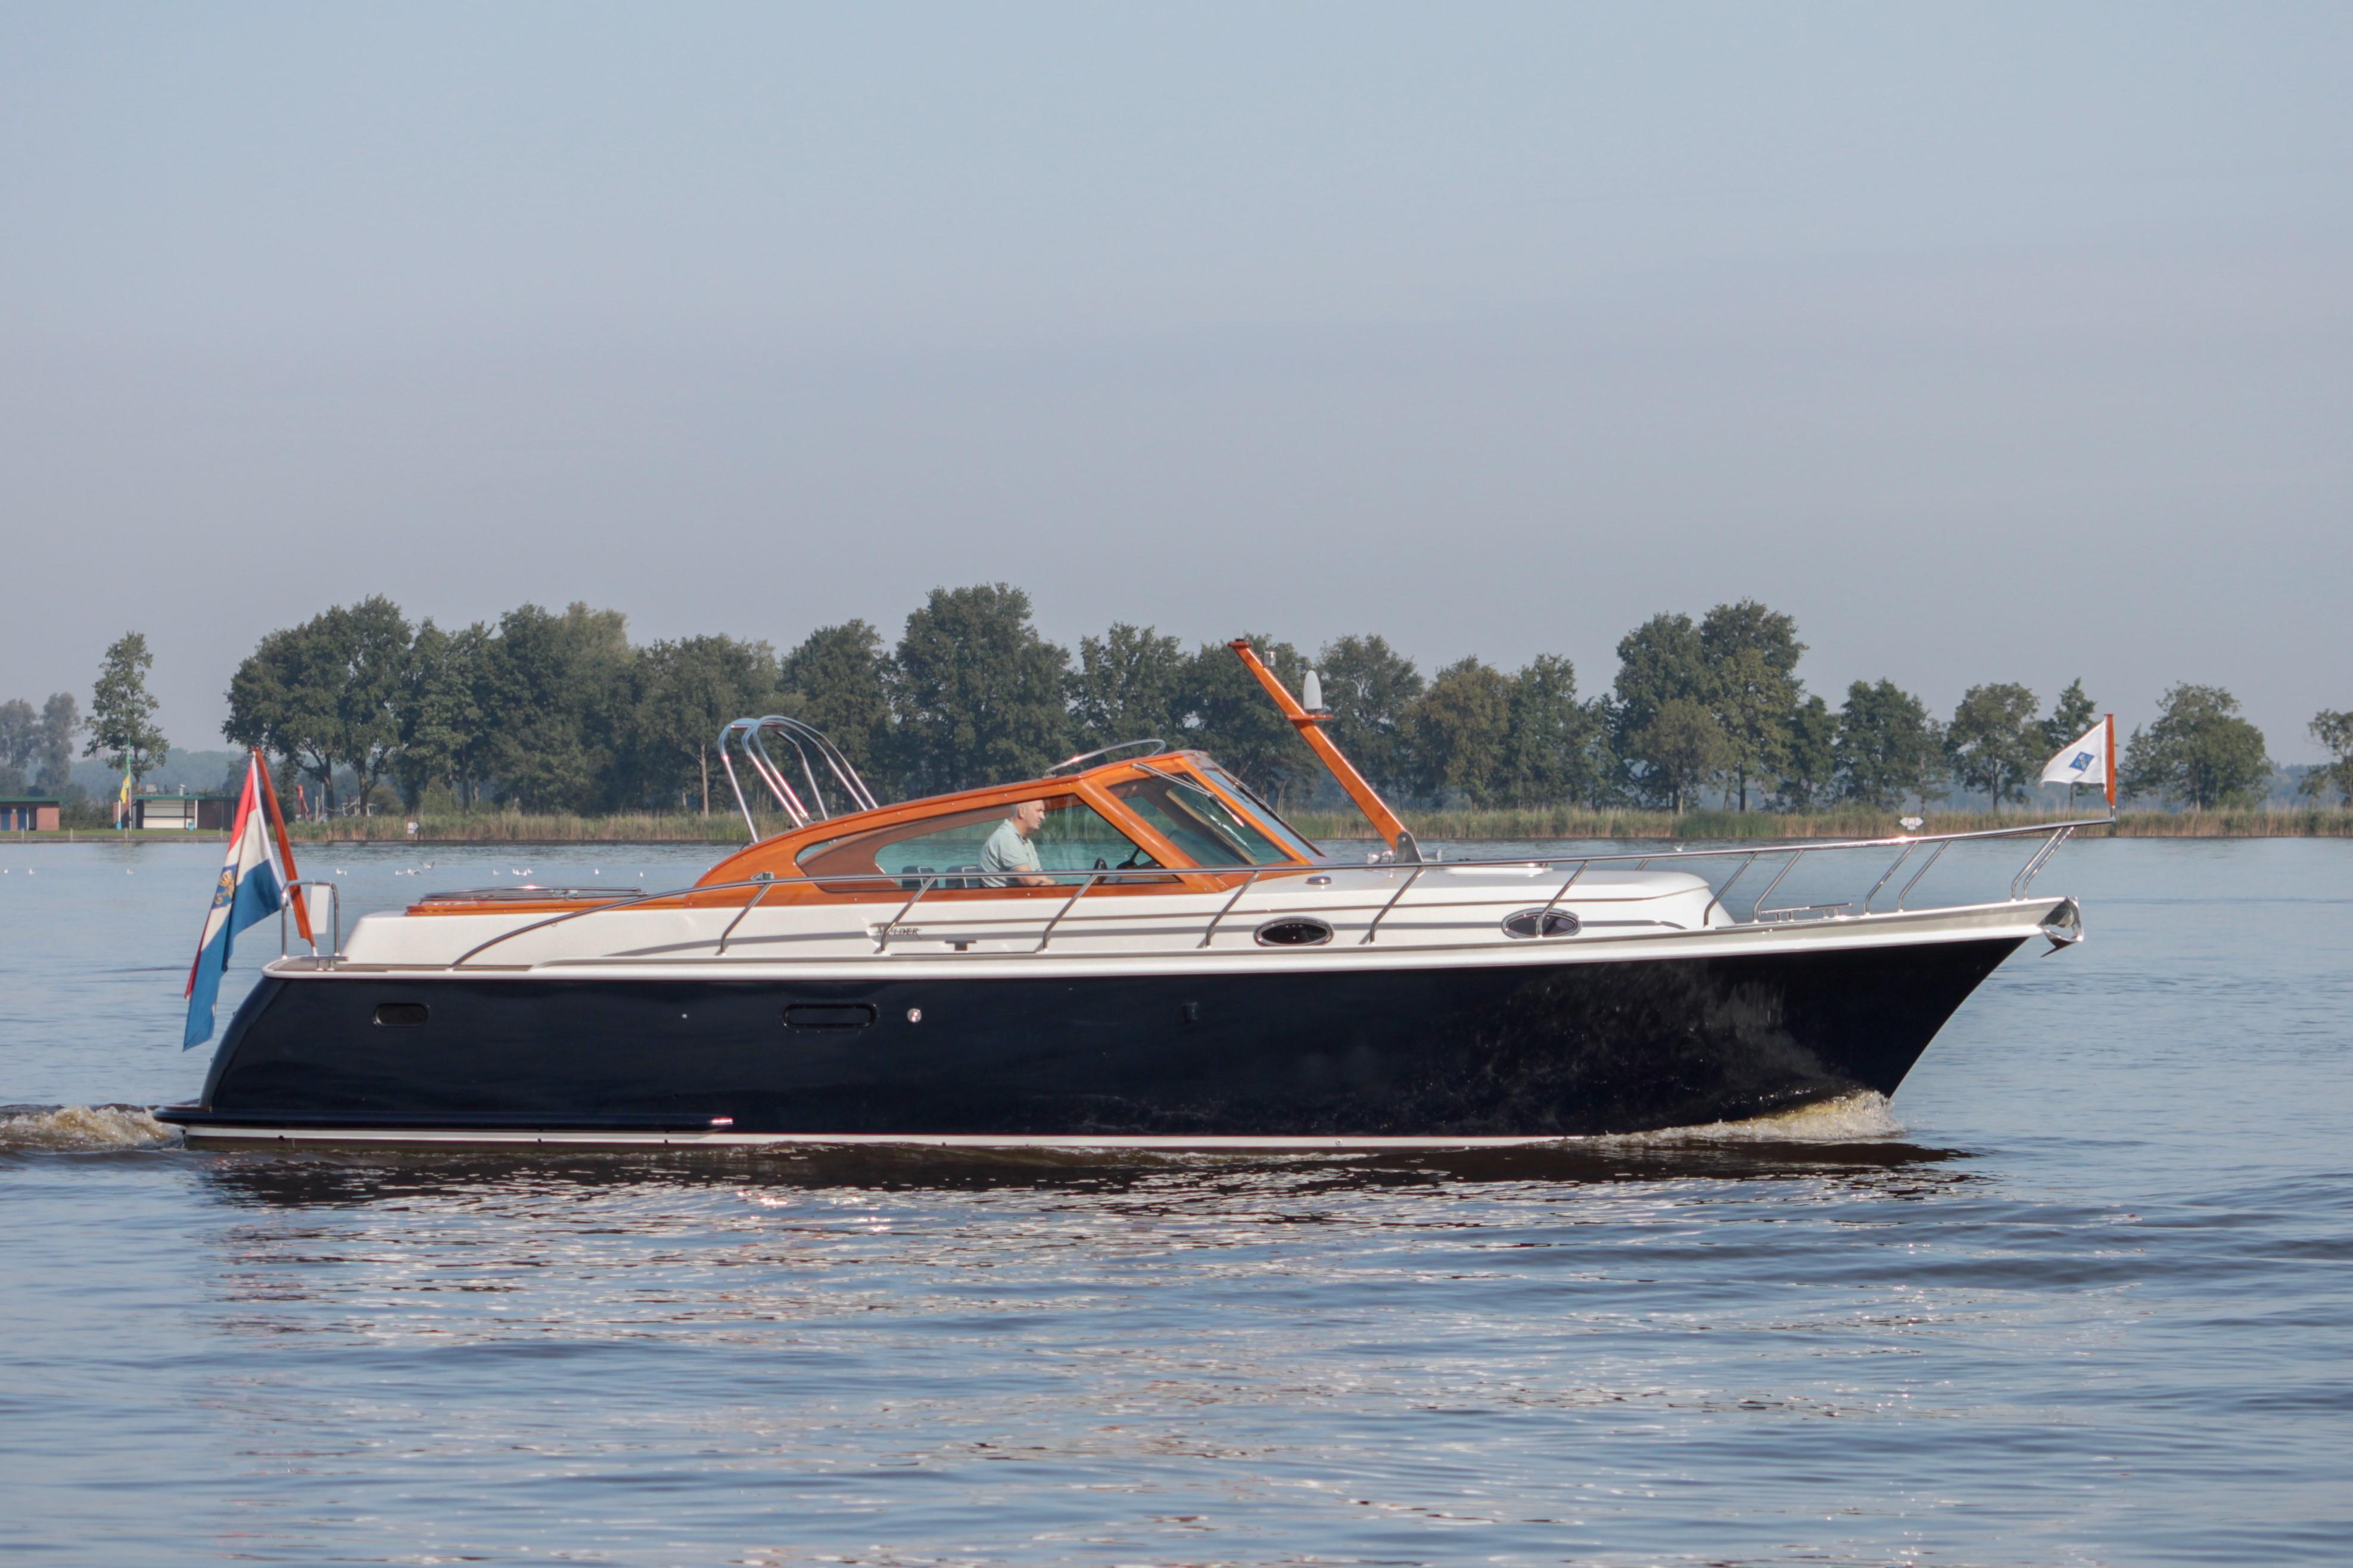 2004 Mulder 37 Favorite Power Boat For Sale Www